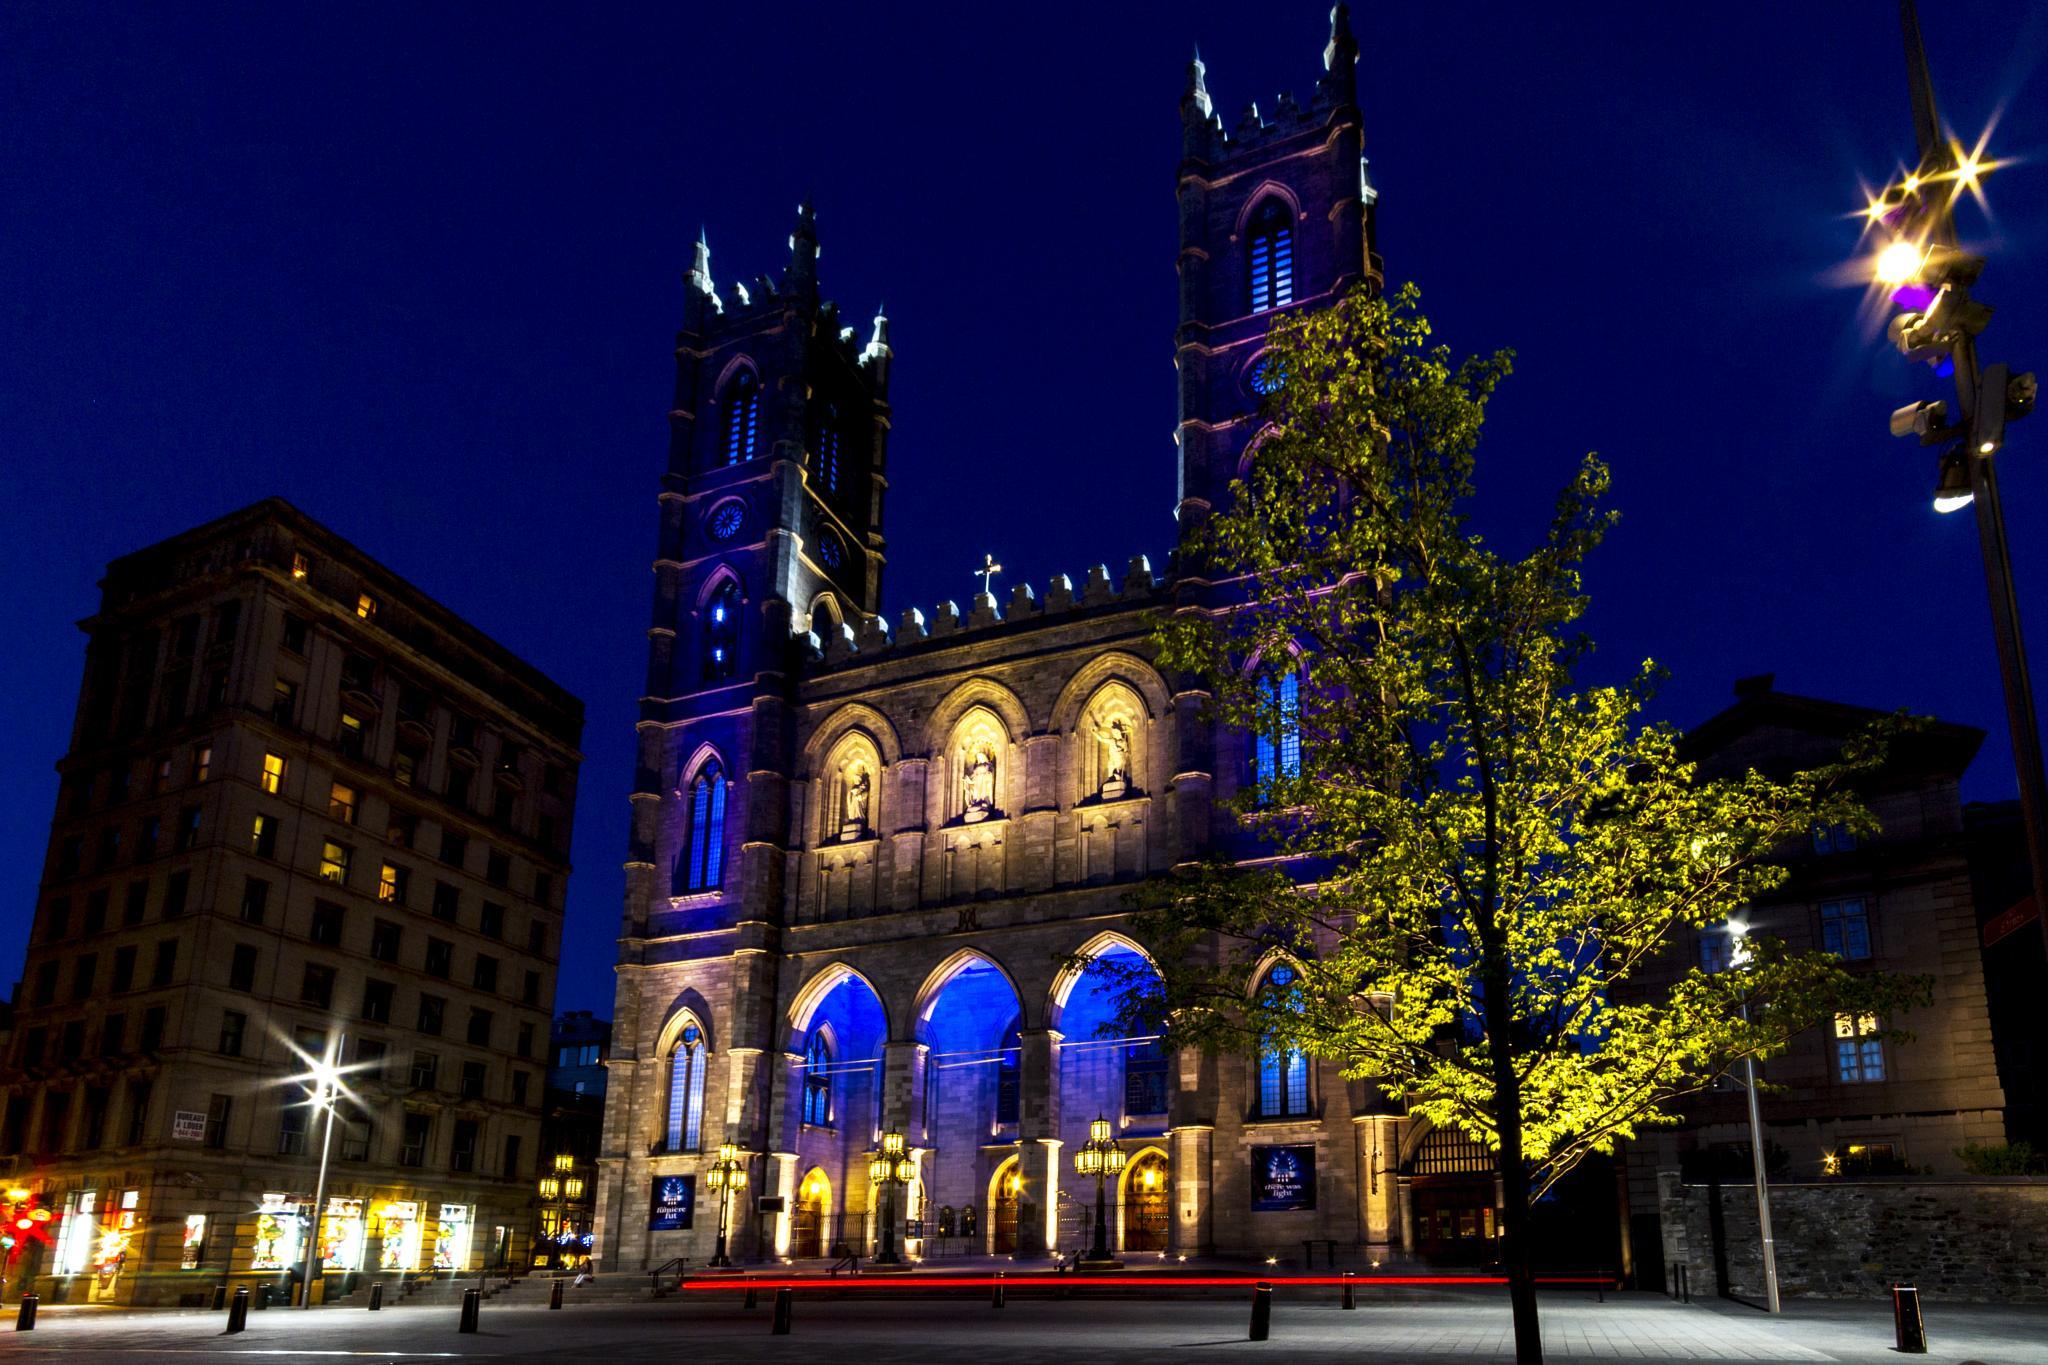 Basilique Notre-Dame de Montréal by Joe Chrvala